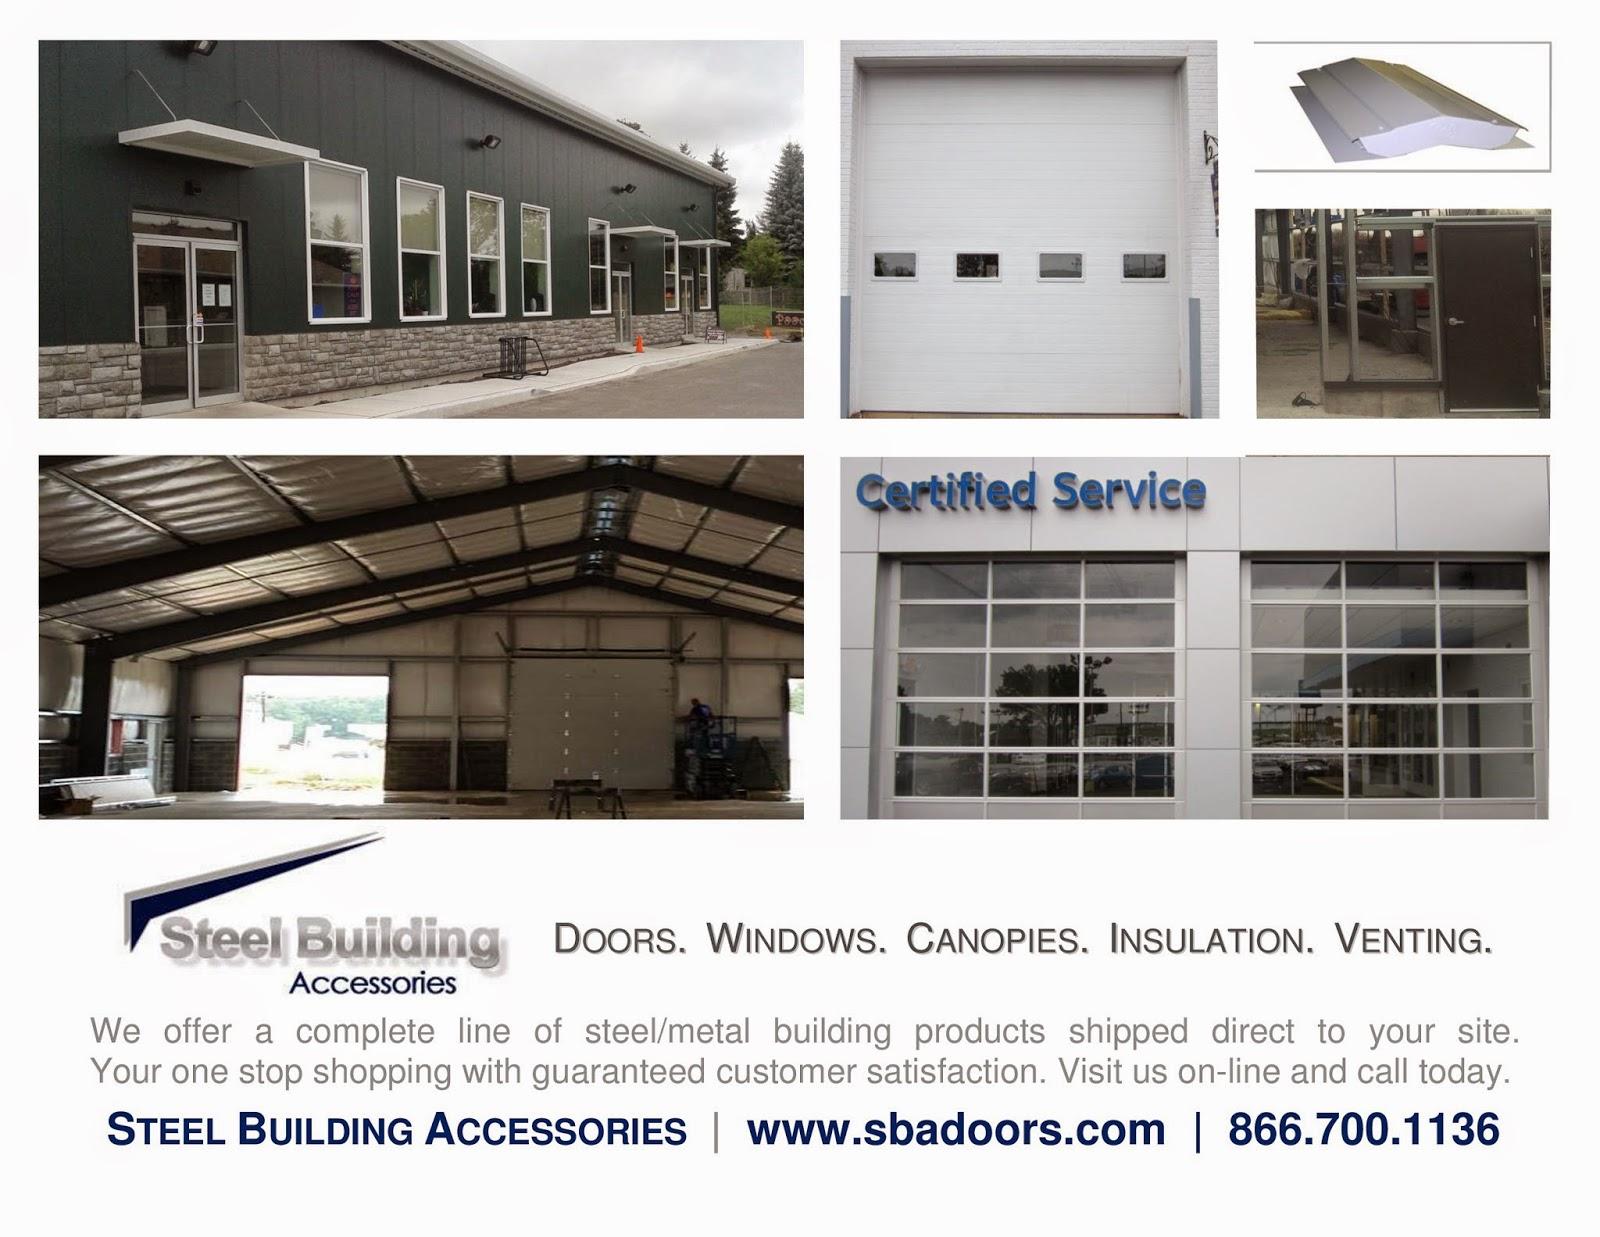 www.sbadoors.com